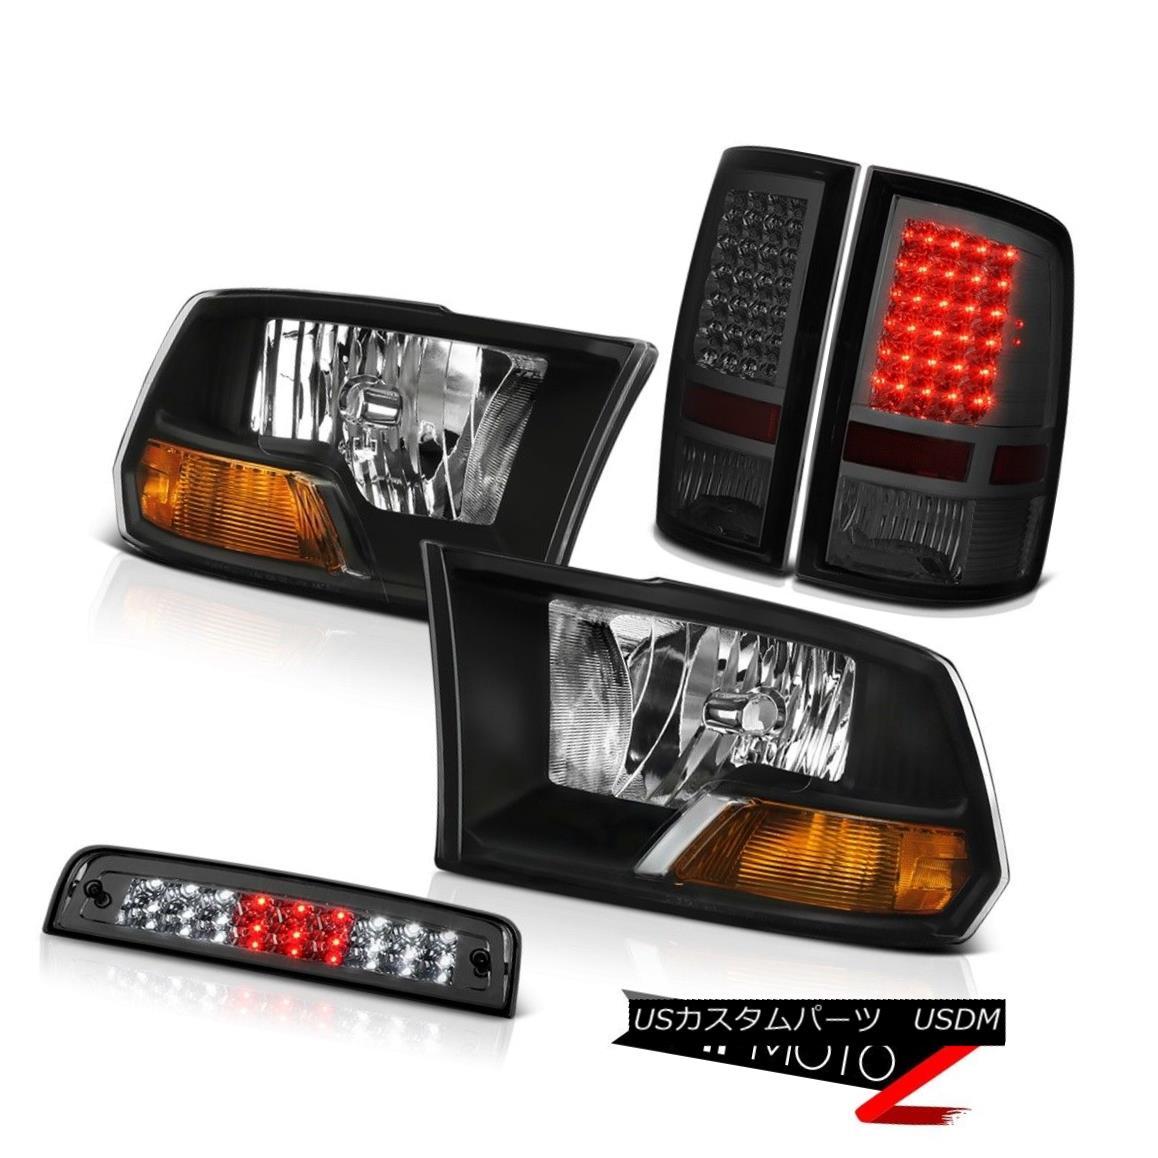 テールライト 2010-2018 Dodge Ram 1500 3.0L Smokey Roof Brake Lamp Parking Lights Headlights 2010-2018 Dodge Ram 1500 3.0Lスモーキールーフブレーキランプパーキングライトヘッドライト